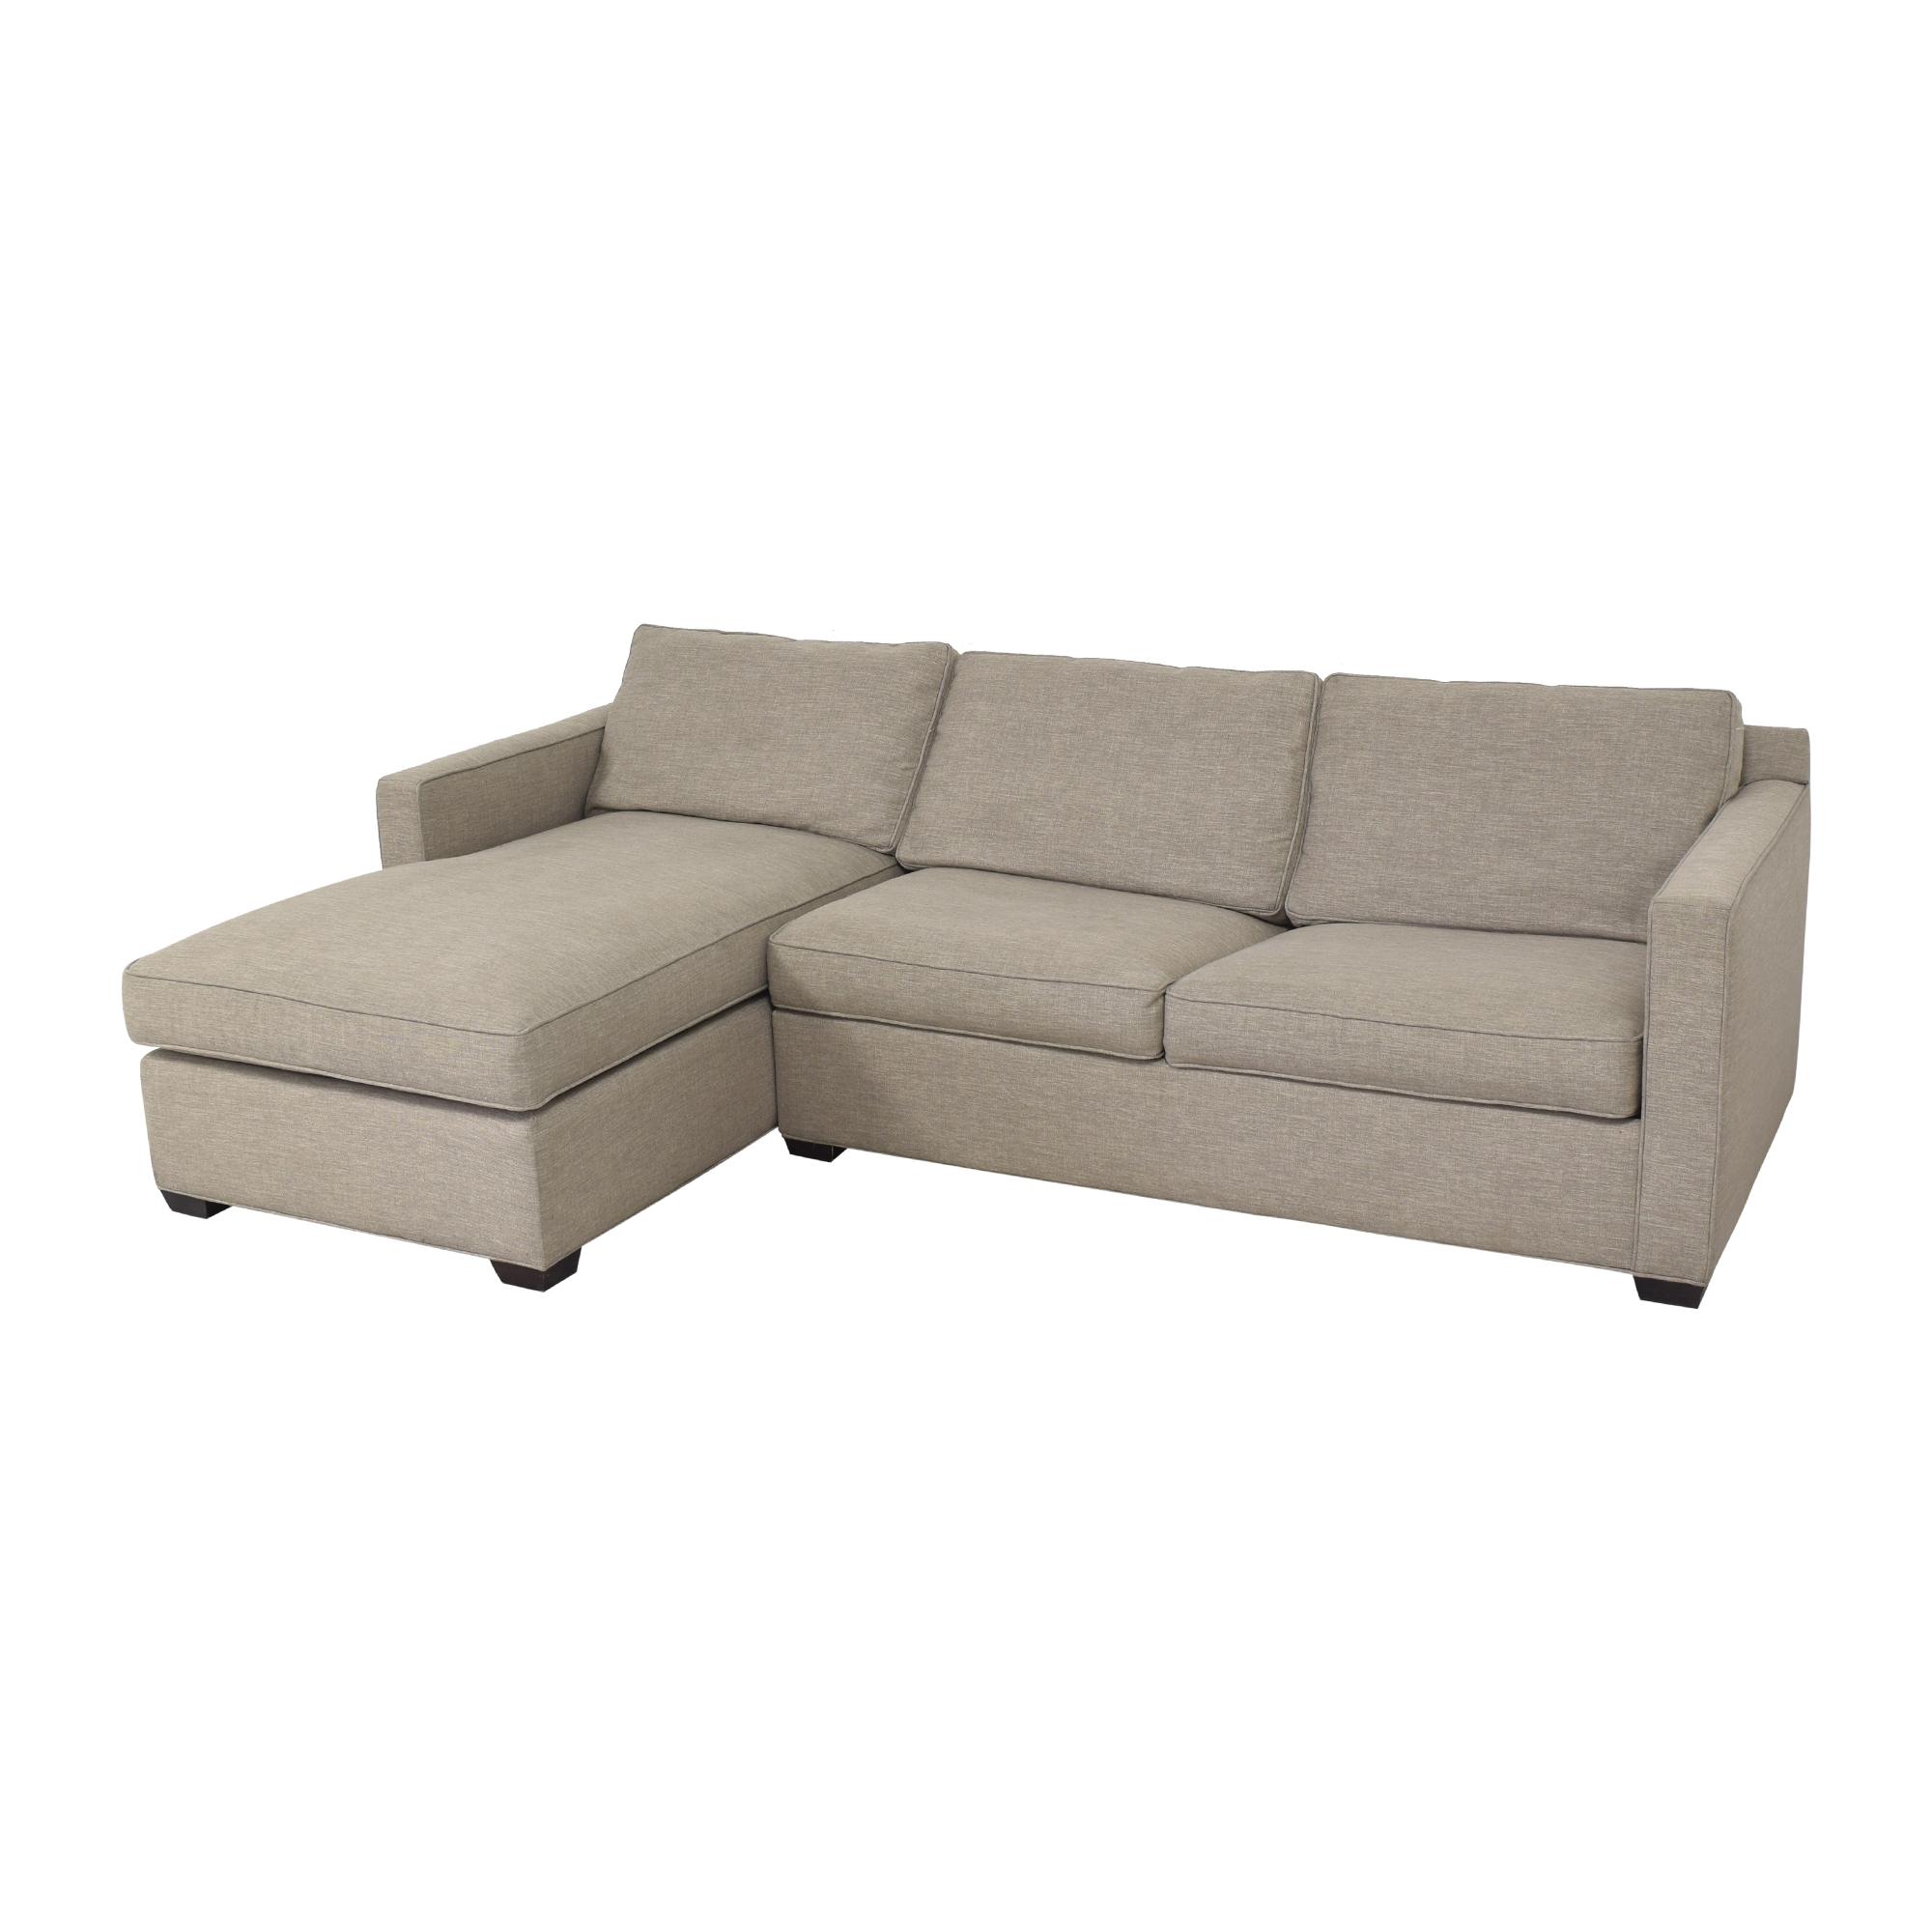 Crate & Barrel Crate & Barrel Davis Sleeper Sofa  ct